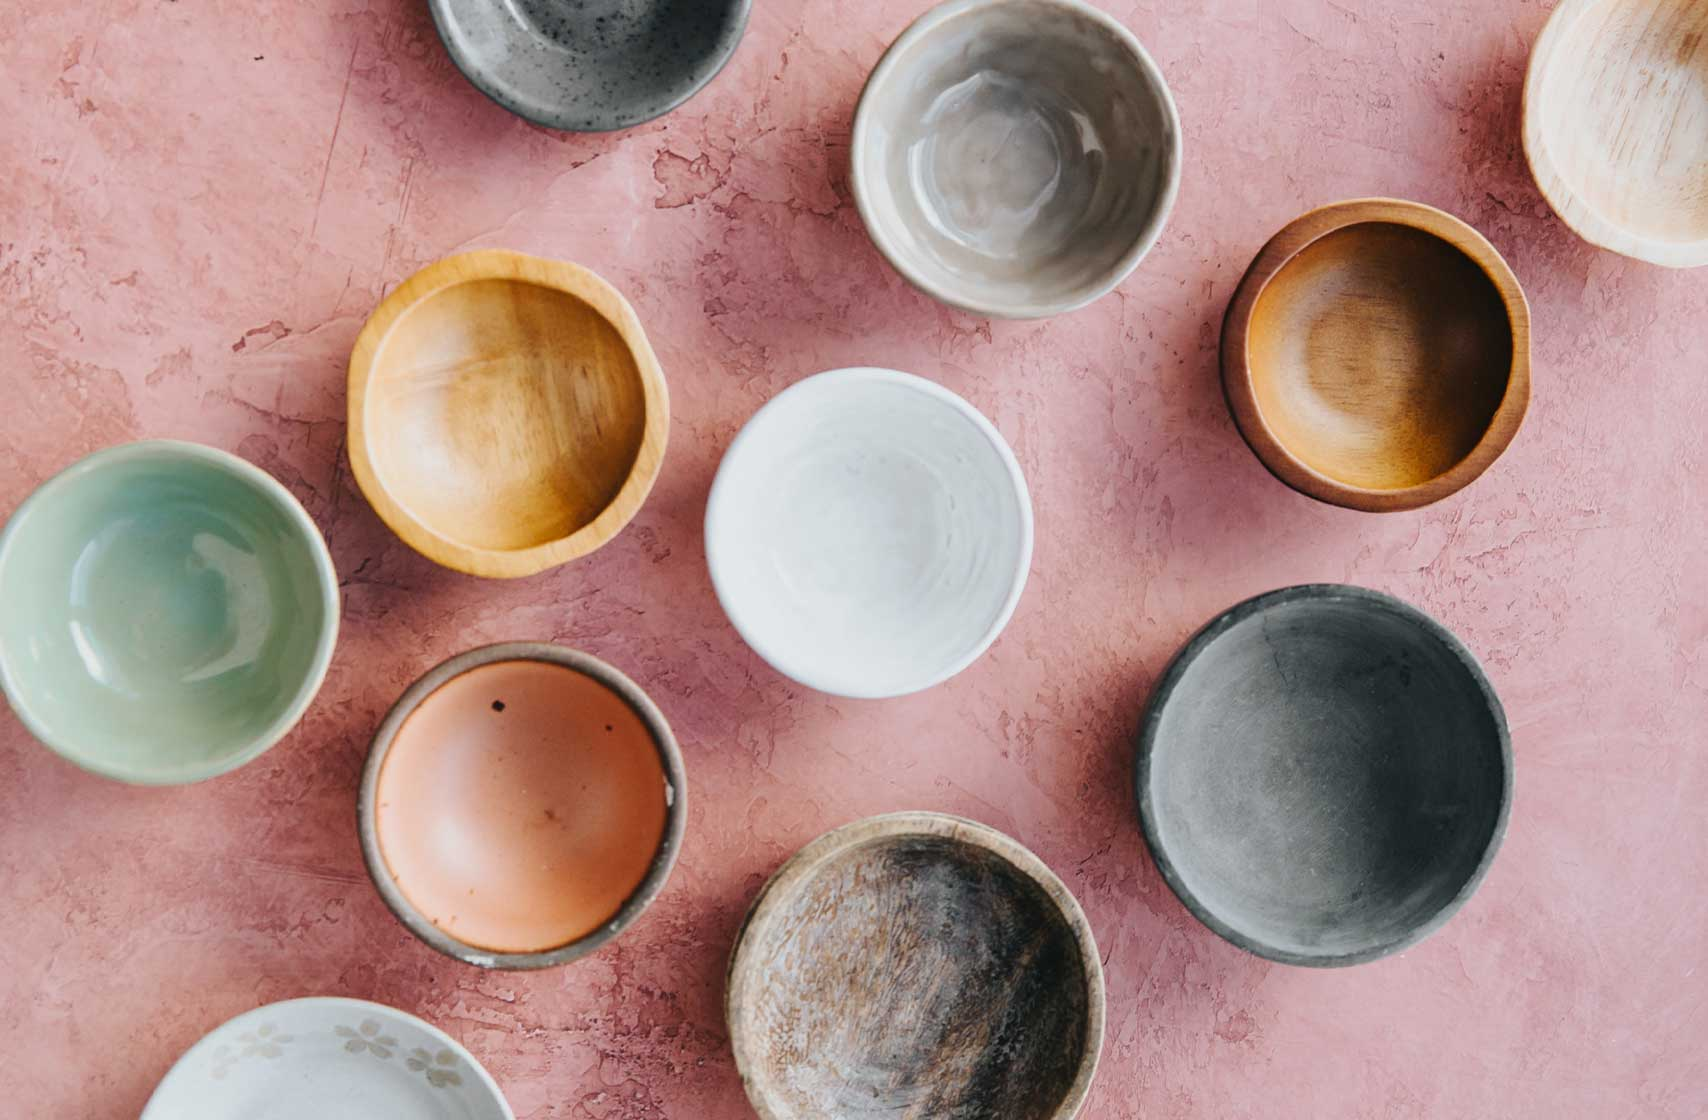 Ceramic materials